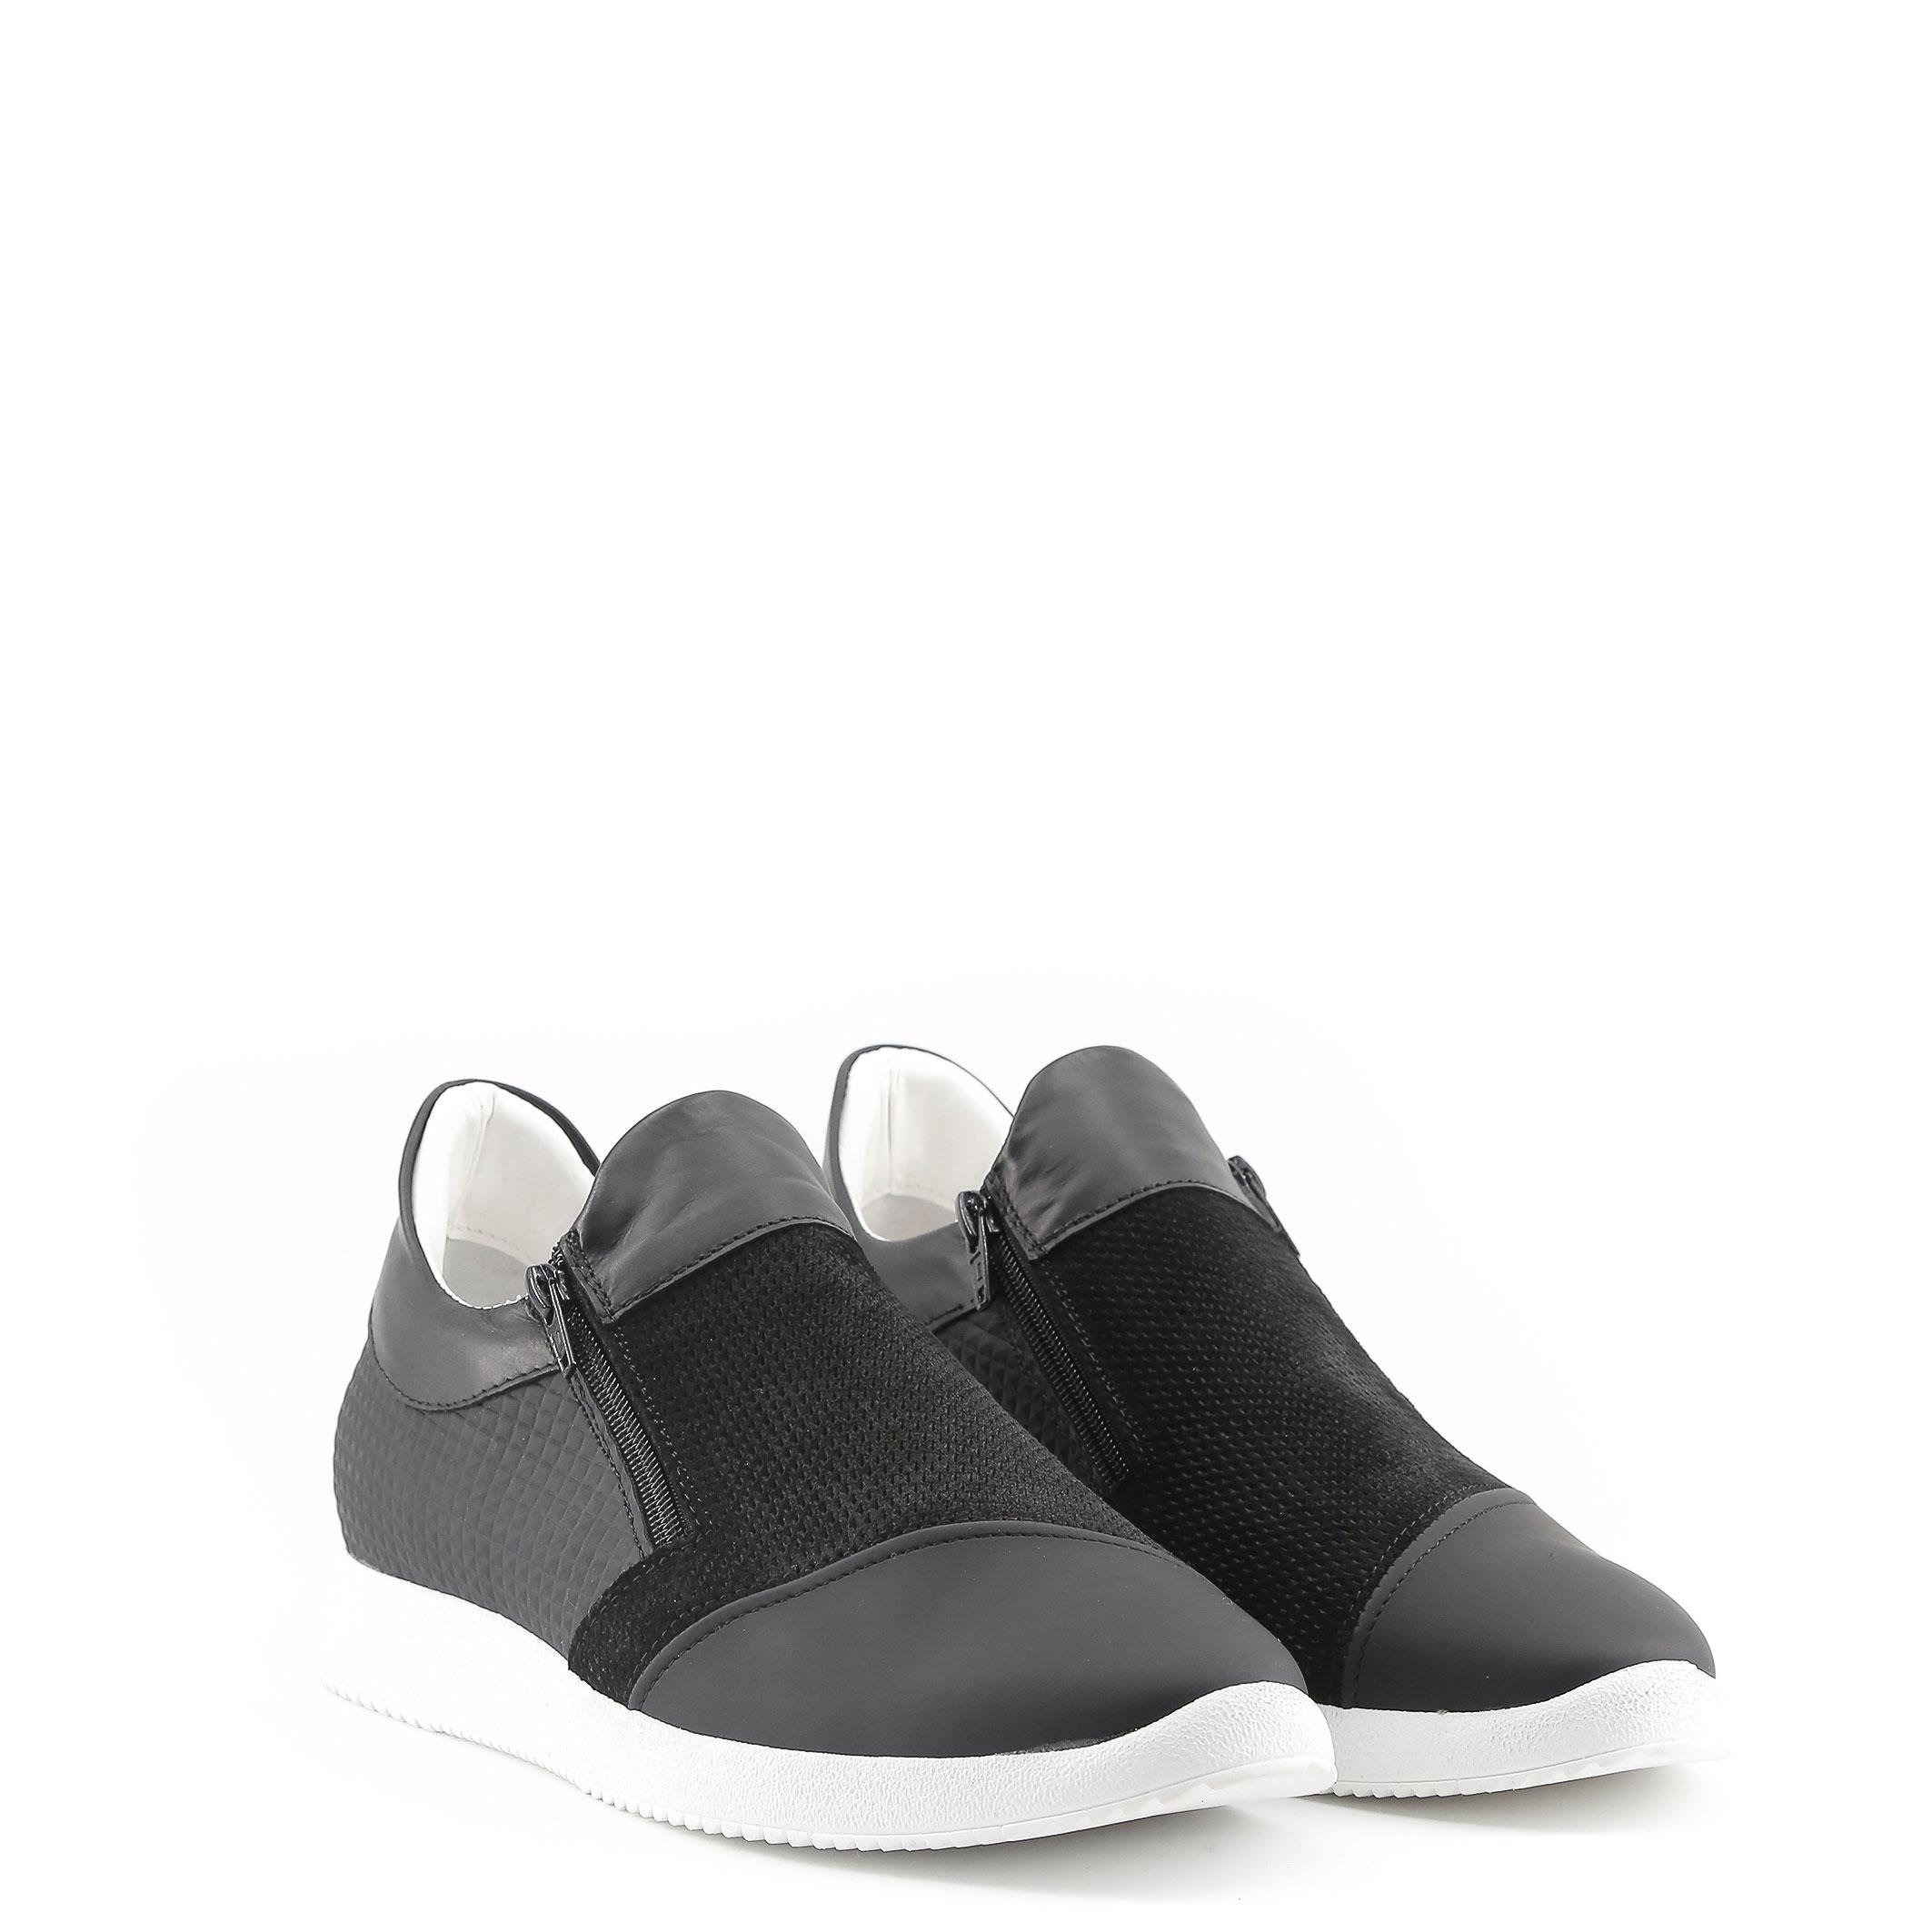 Scarpe-Made-in-Italia-Uomo-GIULIO-Sneakers-Grigio-Nero miniatura 3